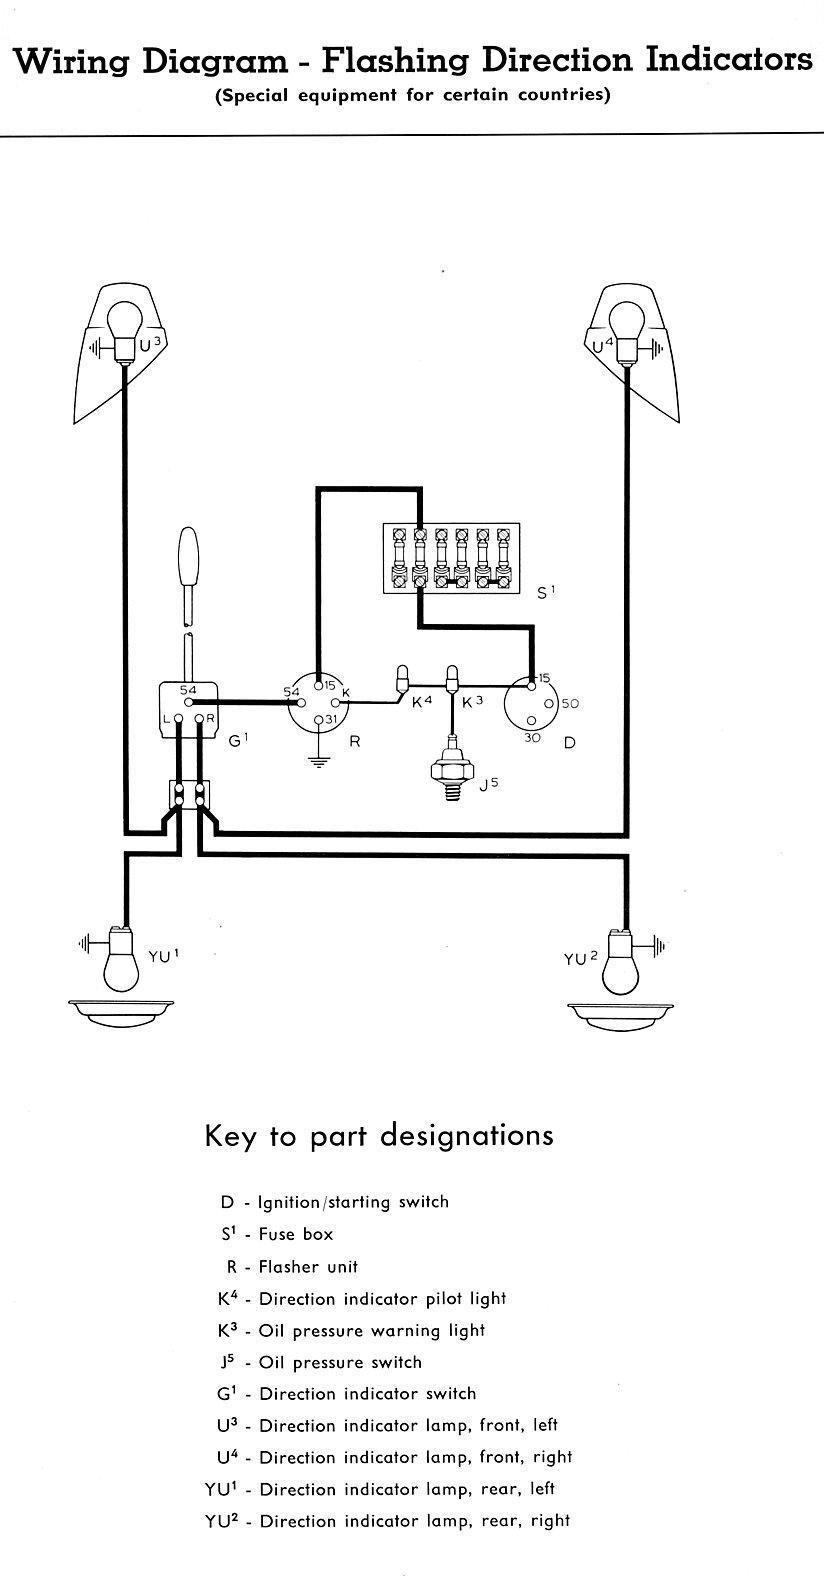 Turn Signal Wiring Diagram - Schema Wiring Diagram - Turn Signal Switch Wiring Diagram